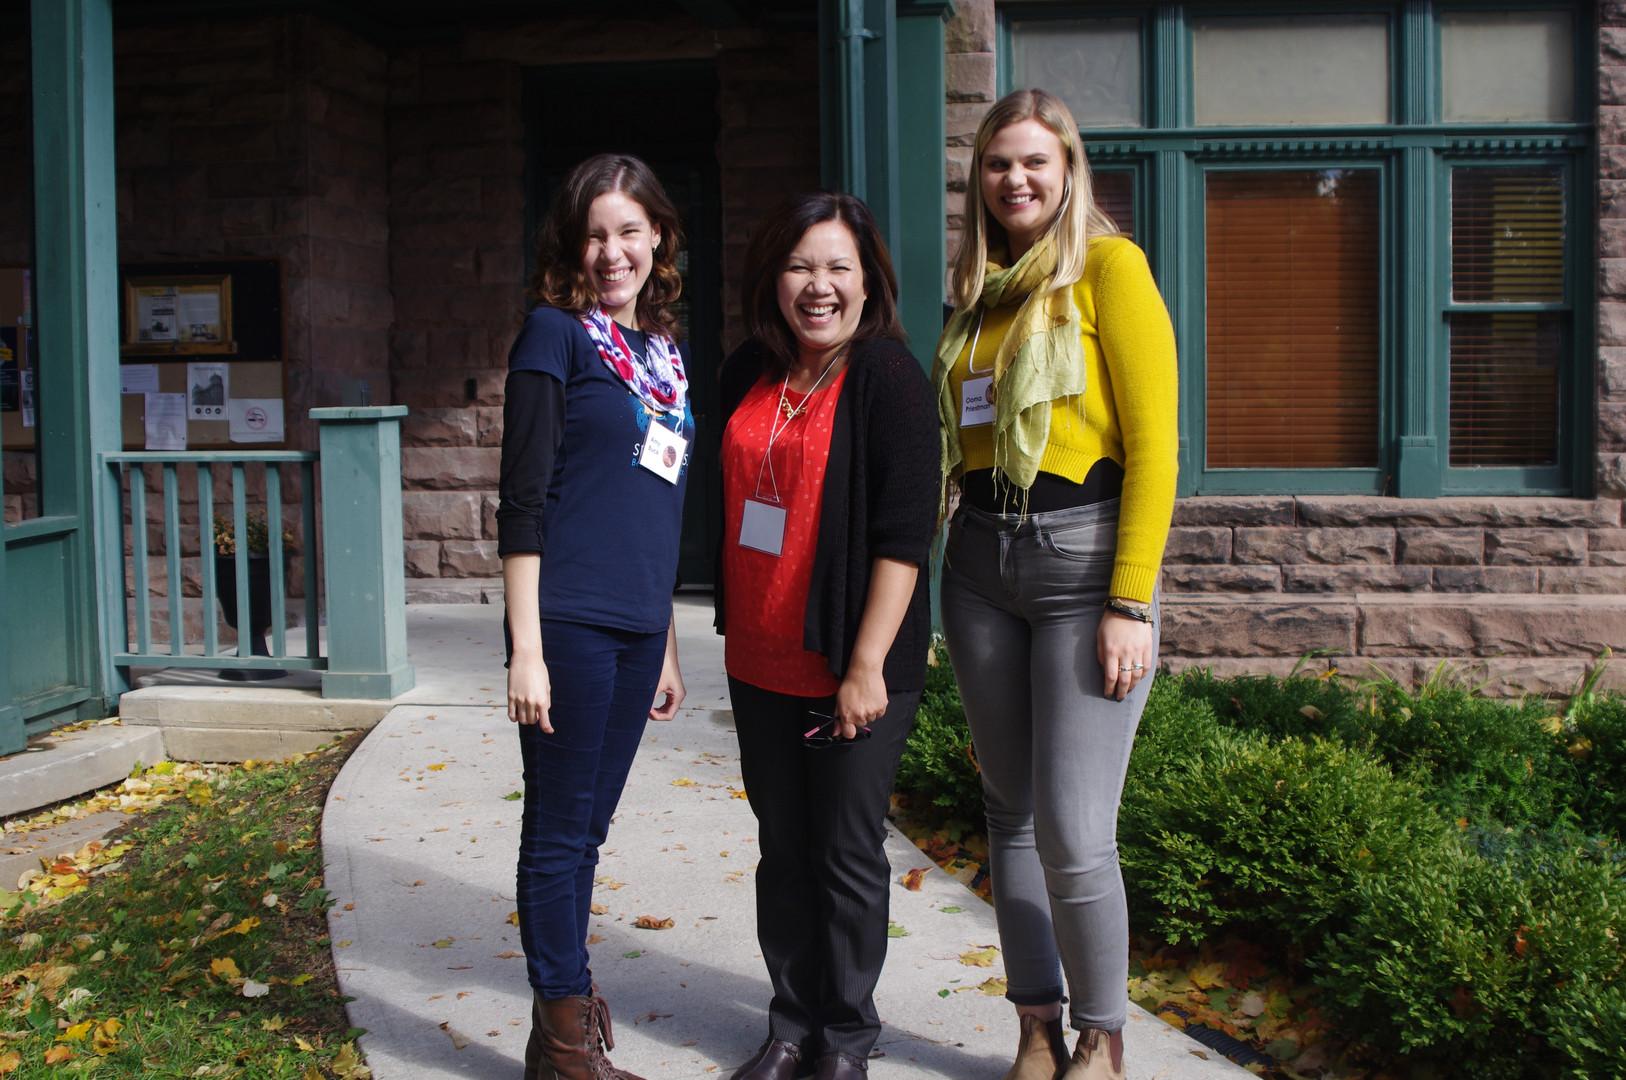 Amy, Carmela, & Ooma